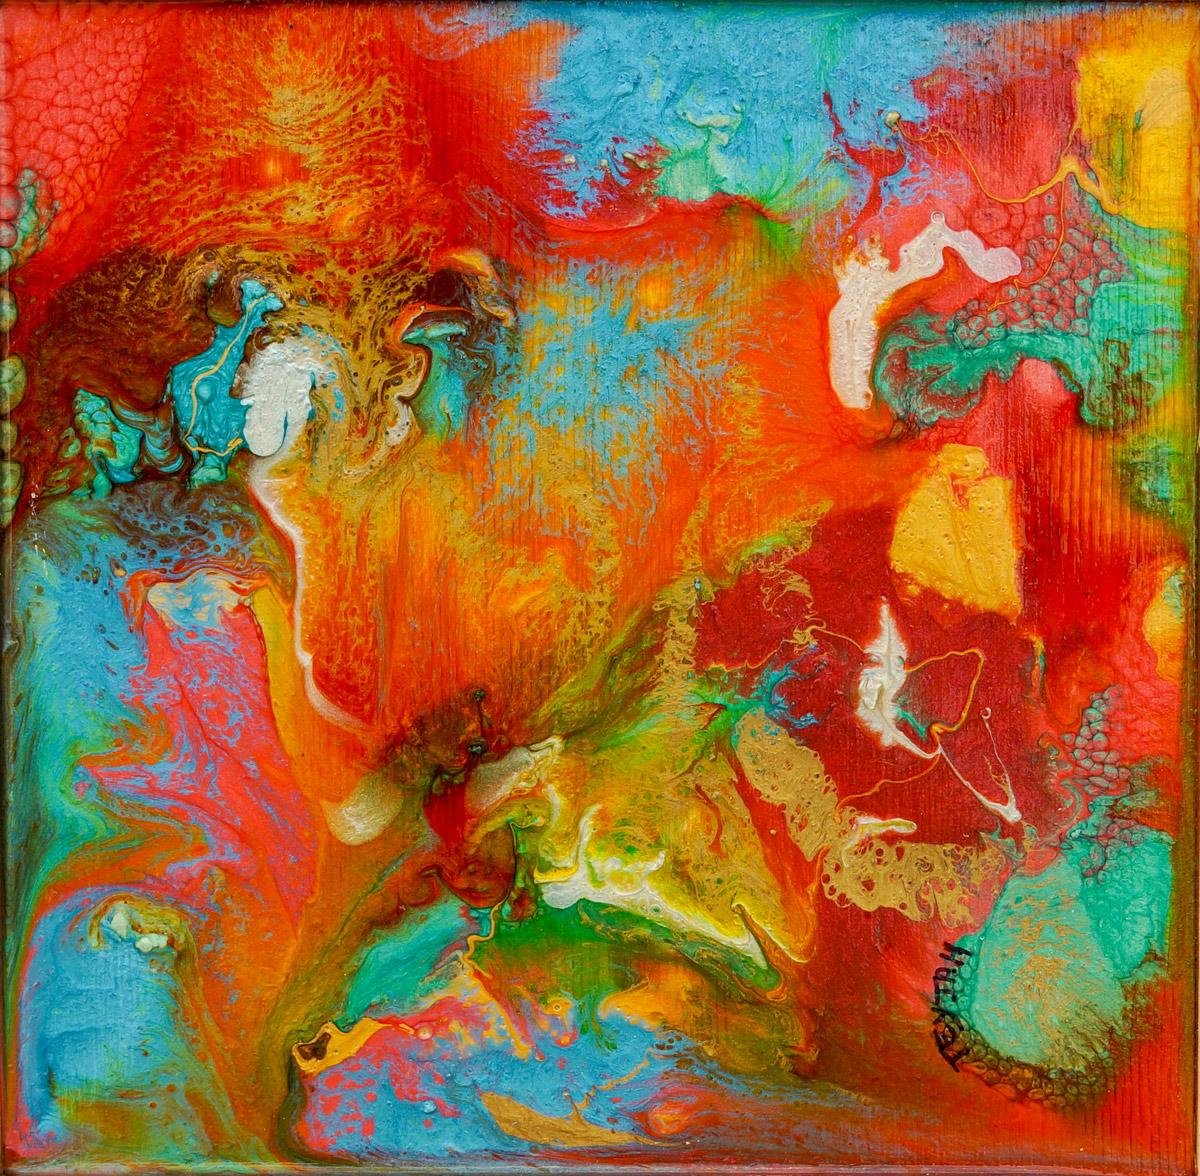 Scarlet Pimpernel Oil Painting by teyjah